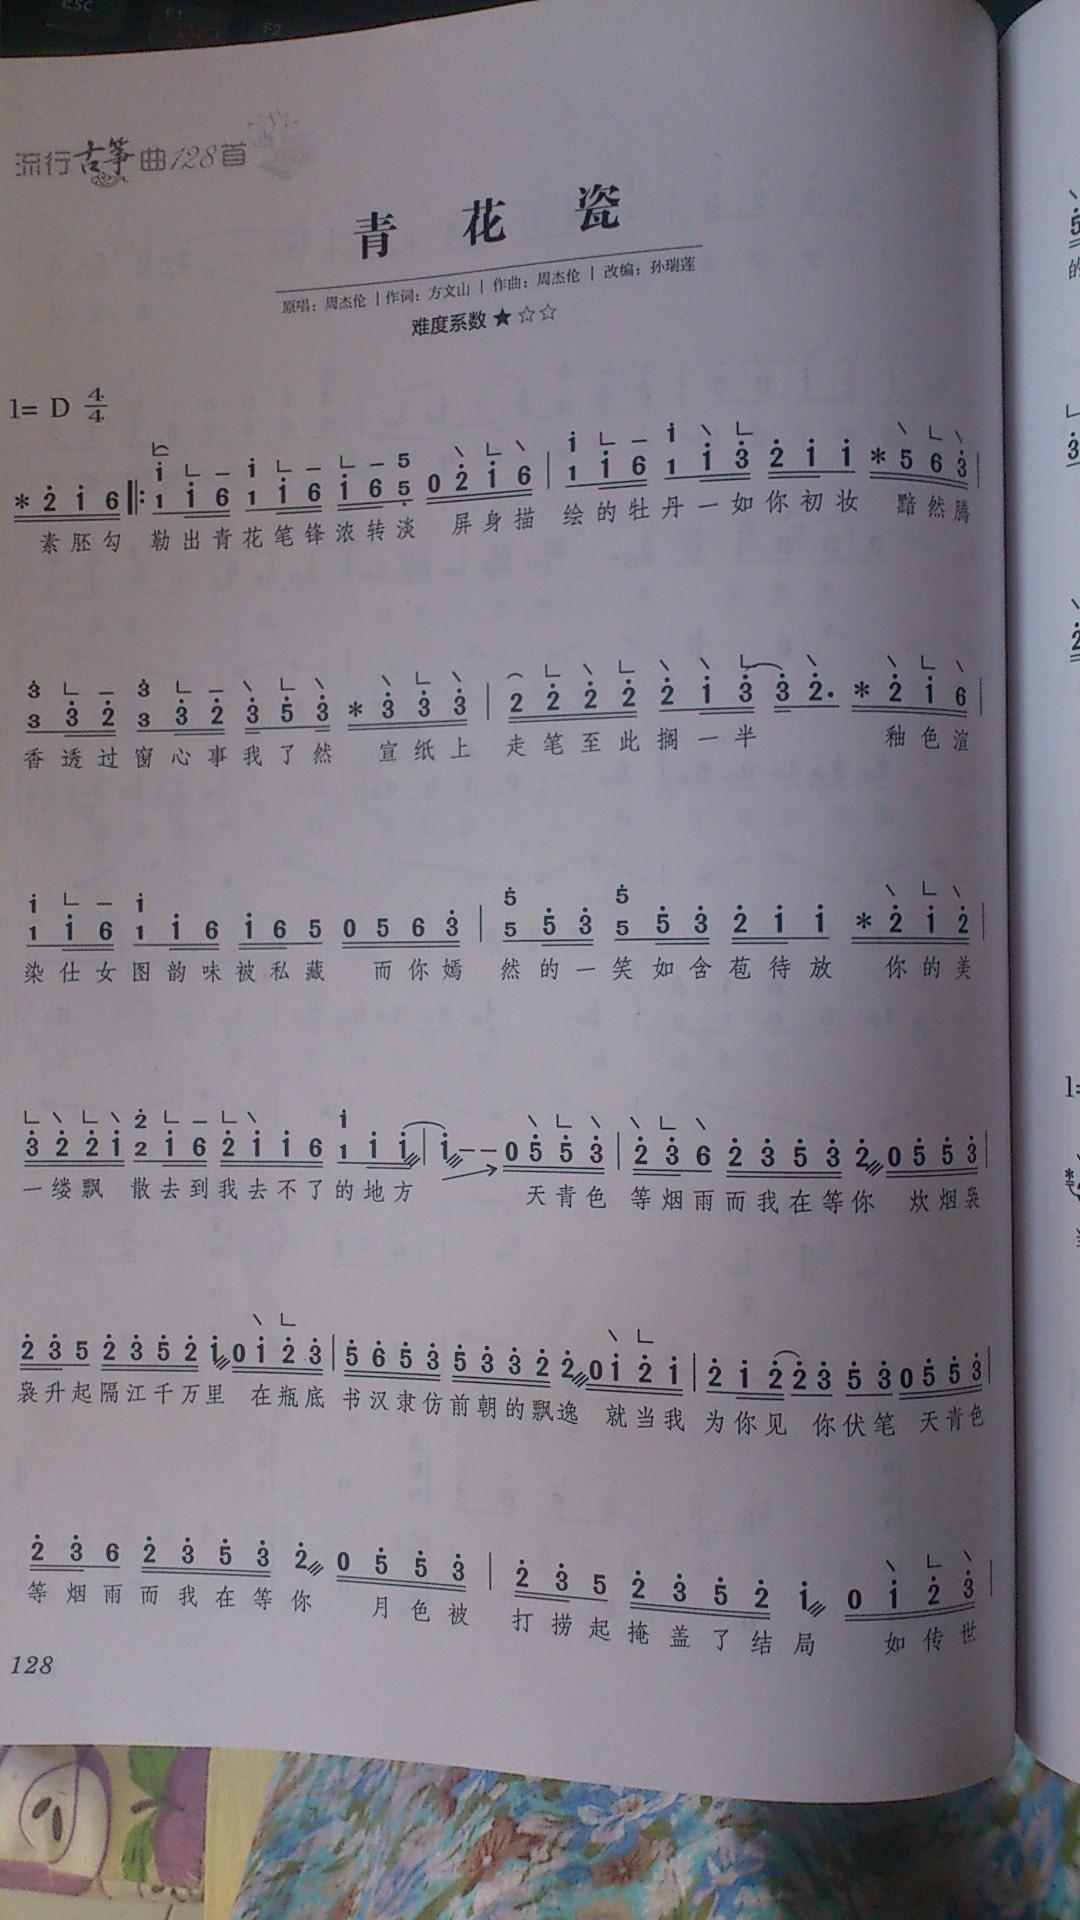 青花瓷古筝谱(带指法和歌词)!图片